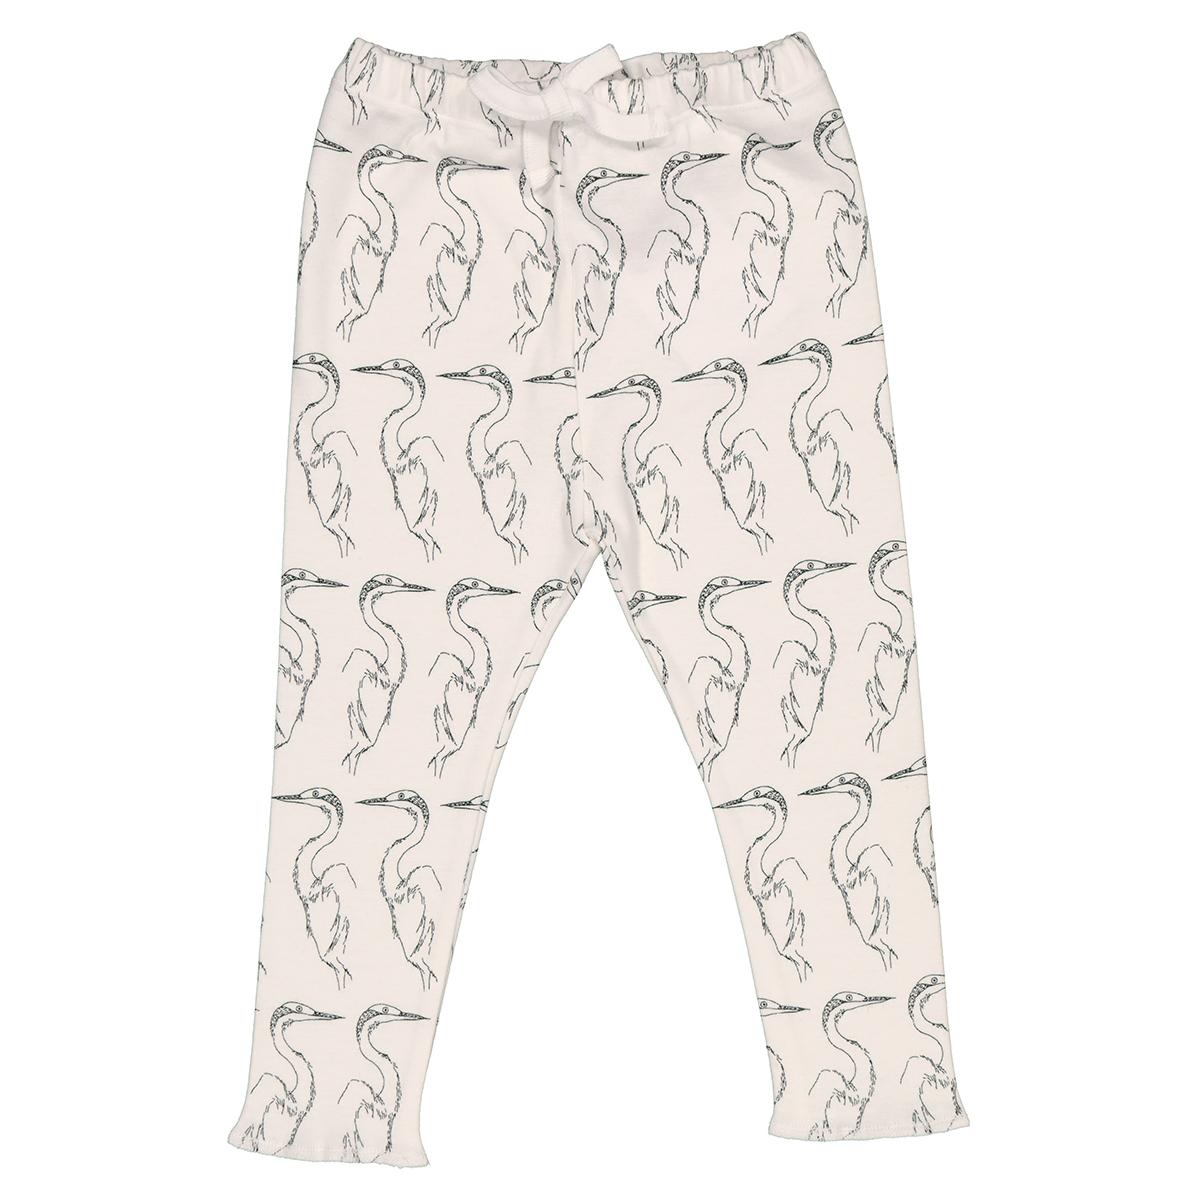 Bas bébé Legging Milo Aigrette - 6 Mois Legging Milo Aigrette - 6 Mois